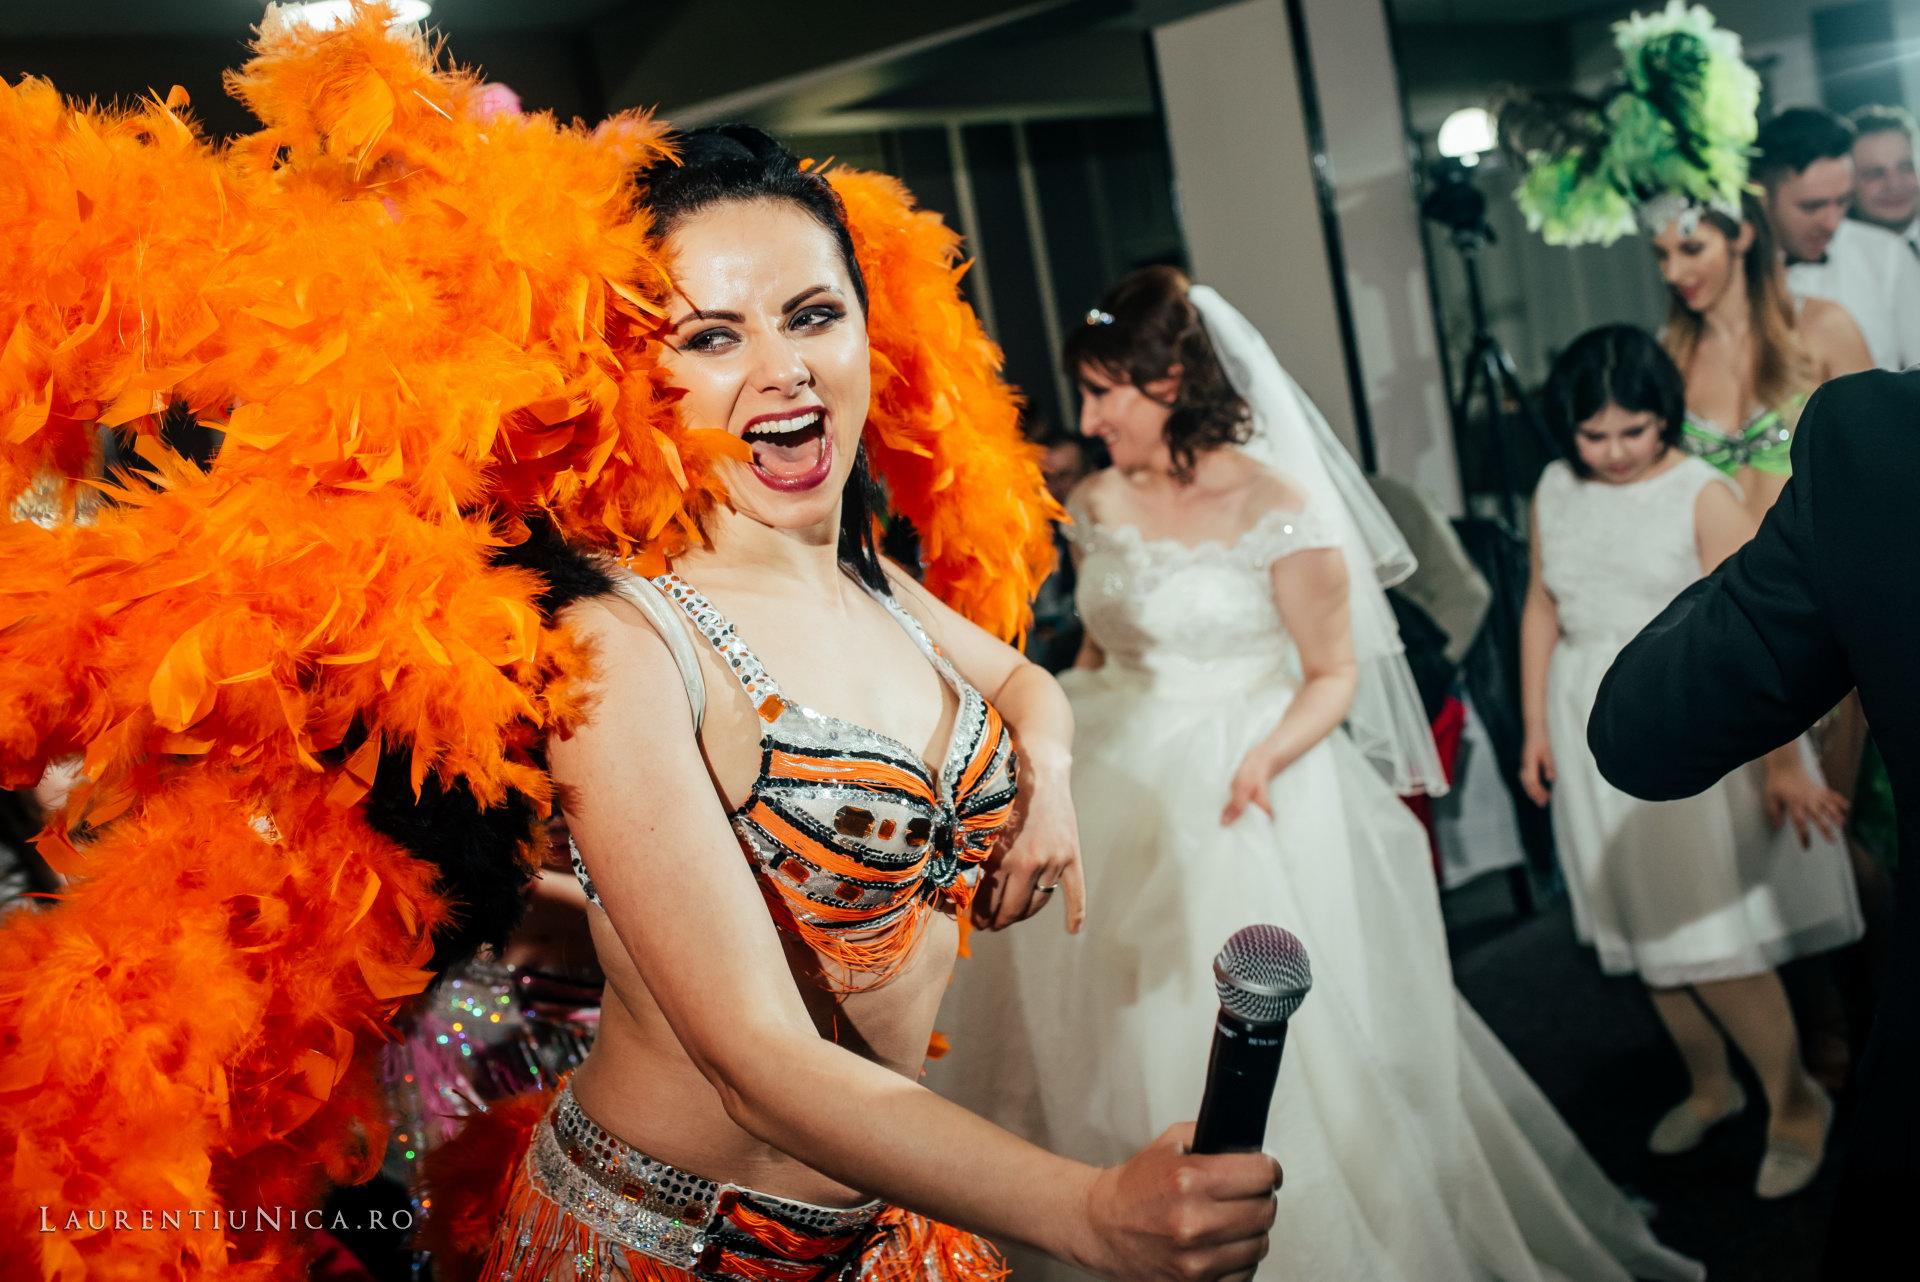 daniela si marius fotografii nunta craiova laurentiu nica68 - Daniela & Marius | Fotografii nunta